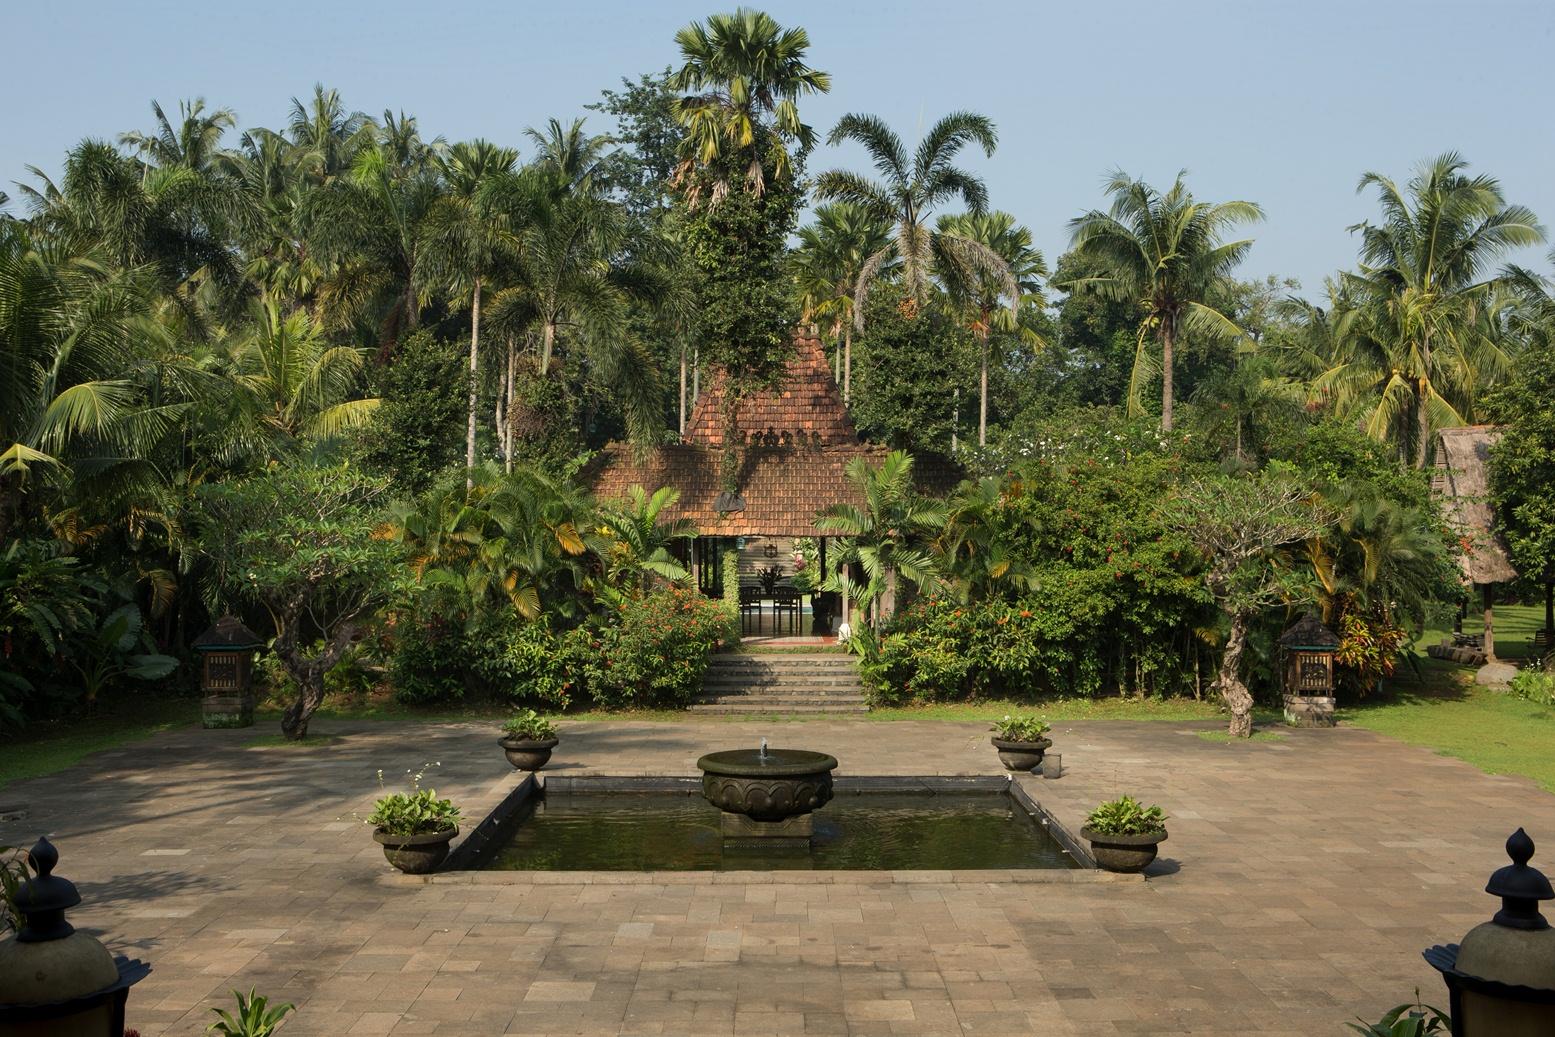 wedding-venue-jakarta-venuerific-blog-Plataran-Cilandak-fountain